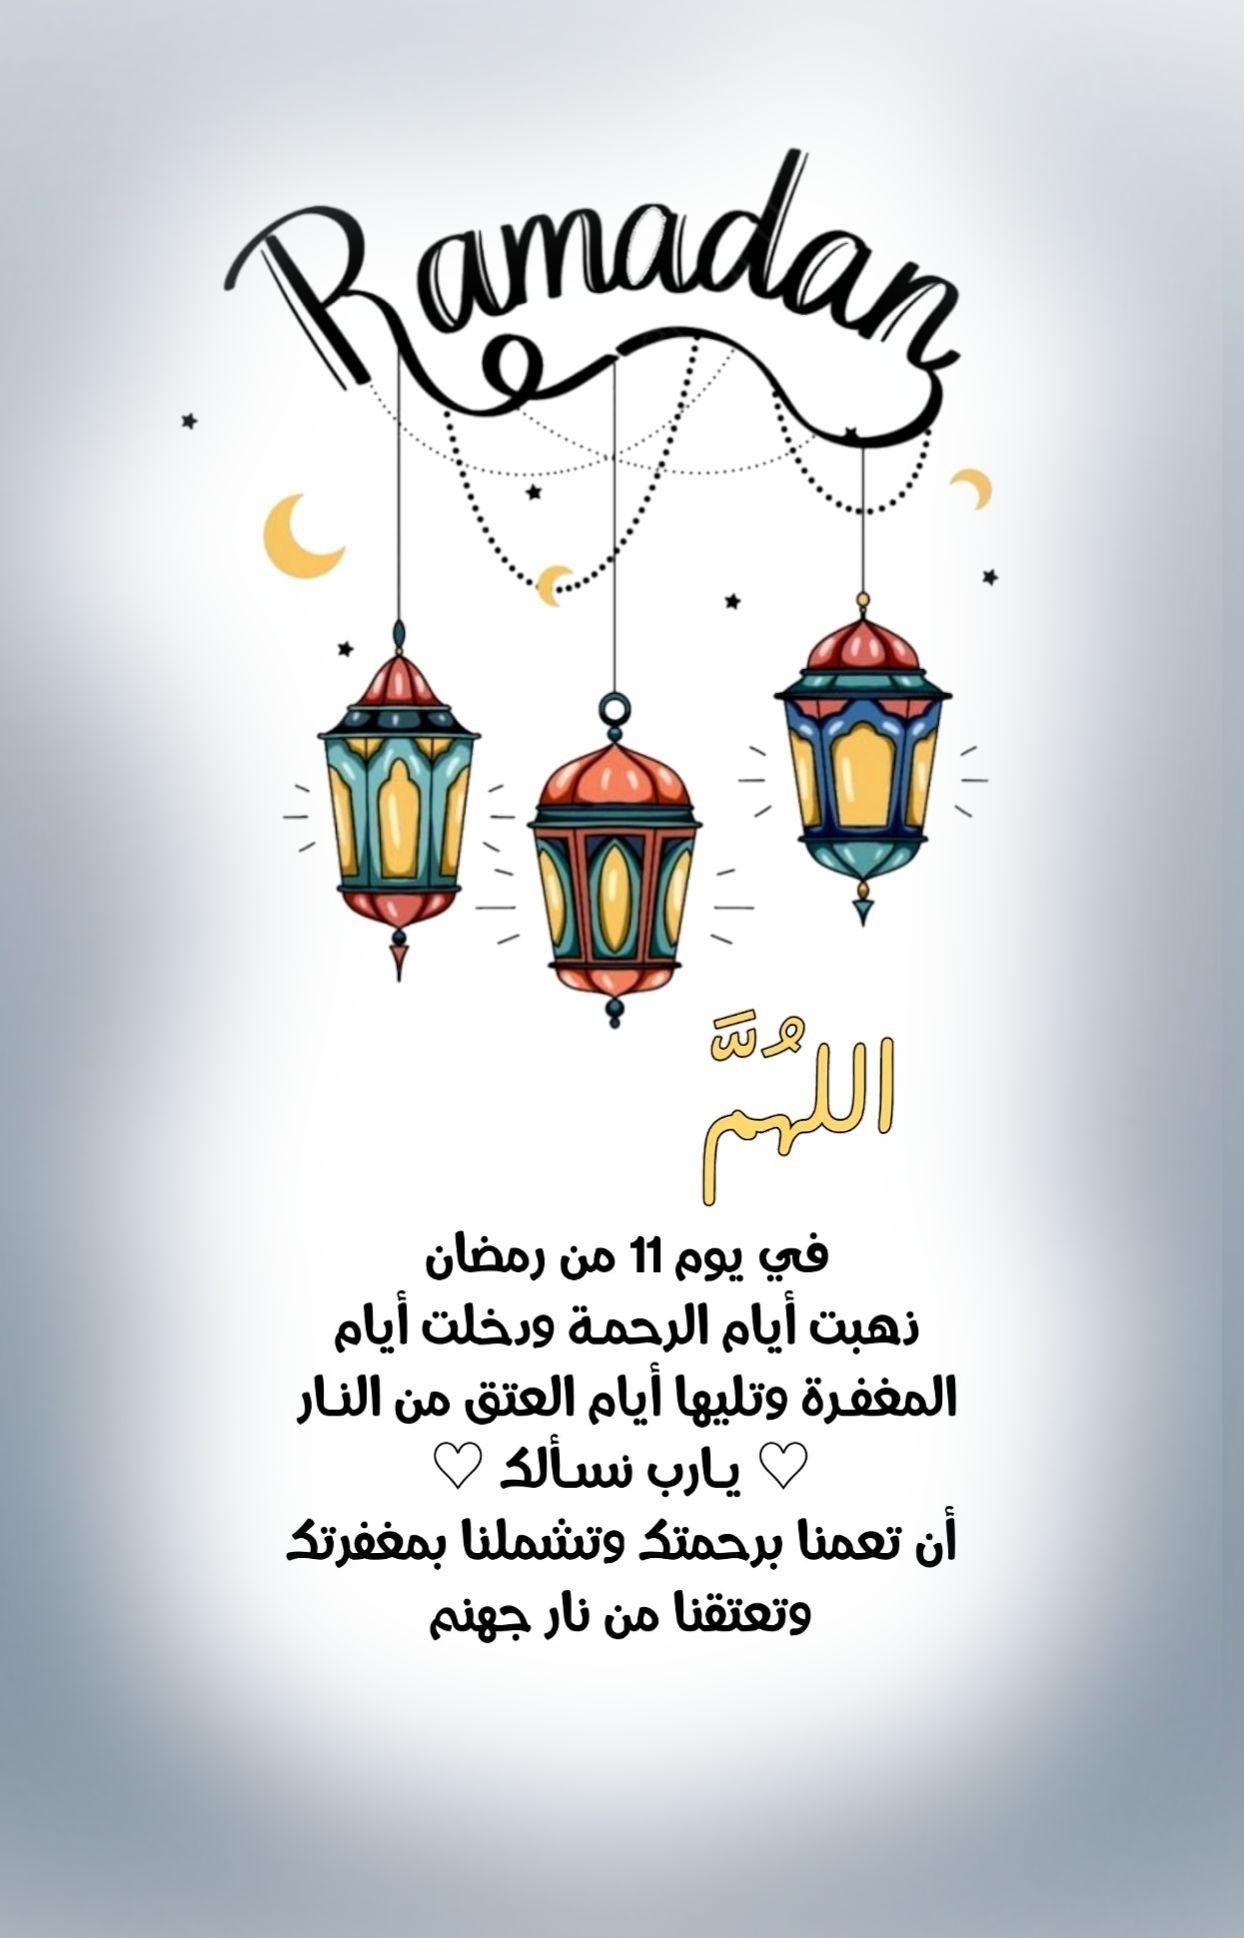 الل هم في يوم ١١ من رمضان ذهبت أيام الرح مــــــة ودخلت أيام الم غفــــــرة وتليها أيام العتق من النــــــار Ramadan Ramadan Kareem Ramadan Mubarak